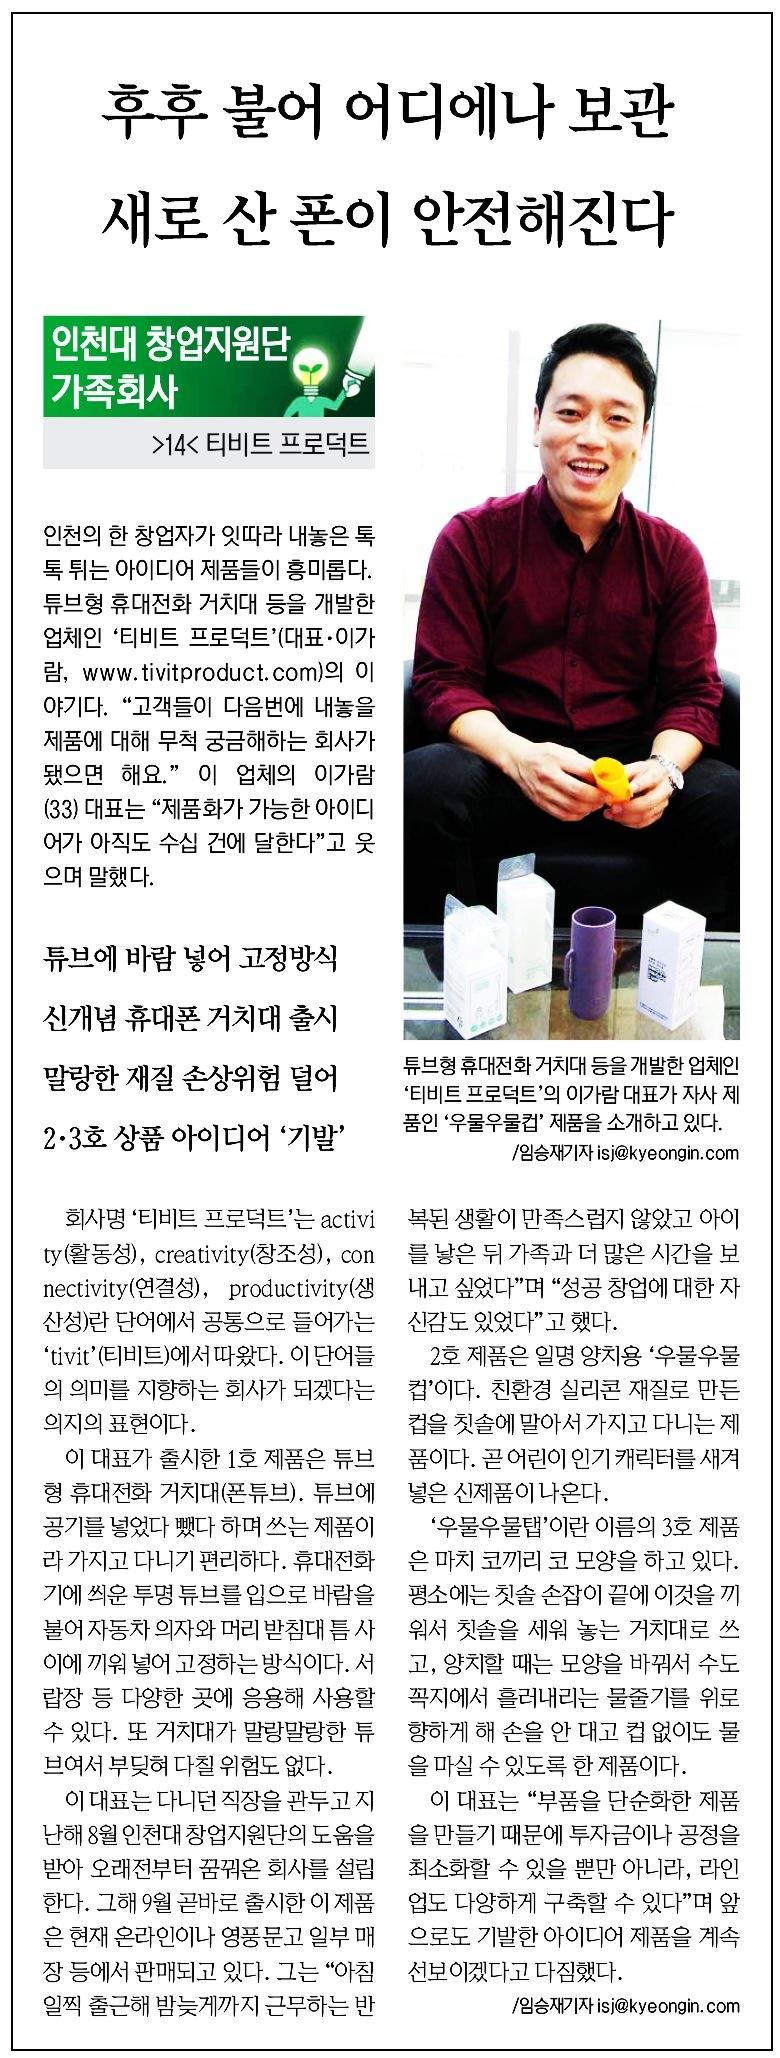 [경인일보] 20161028 후후 불어 어디에나 보관 새로 산 폰이 안전해진다-경제 07면-.jpg